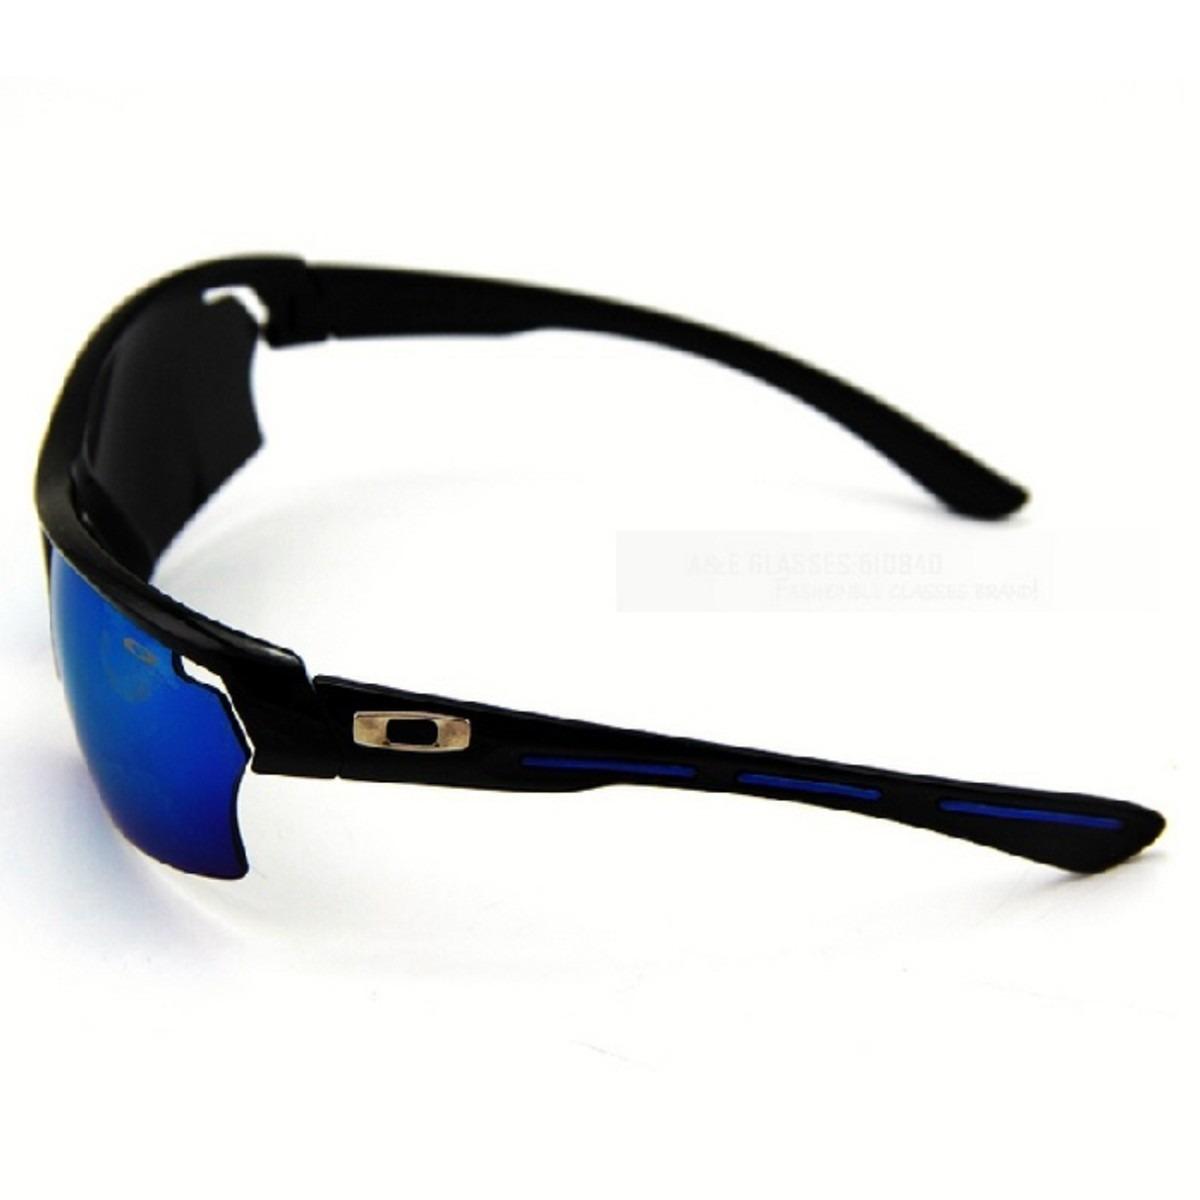 25a3bb1e1 Óculos De Sol Top Line Super Esportivo Lindo Designer - R$ 44,90 em